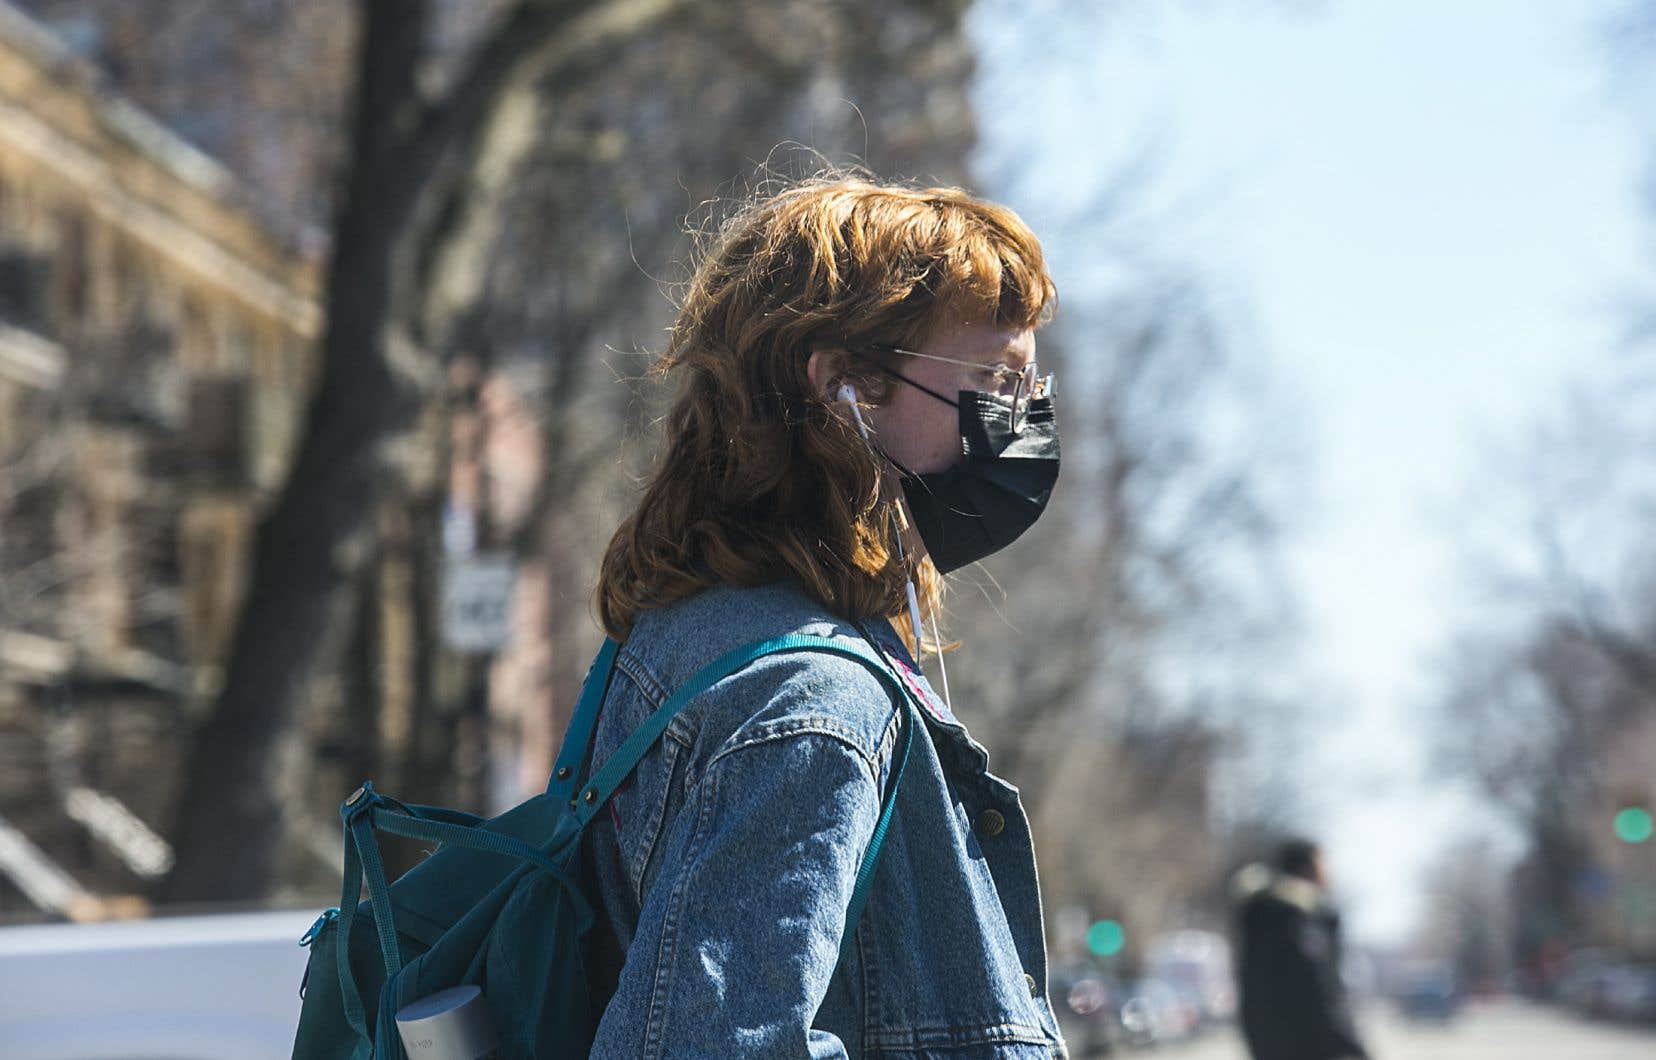 Cette méthode pourrait permettre de prolonger la durée de vie utile des masques chirurgicaux et d'améliorer l'efficacité des masques artisanaux.